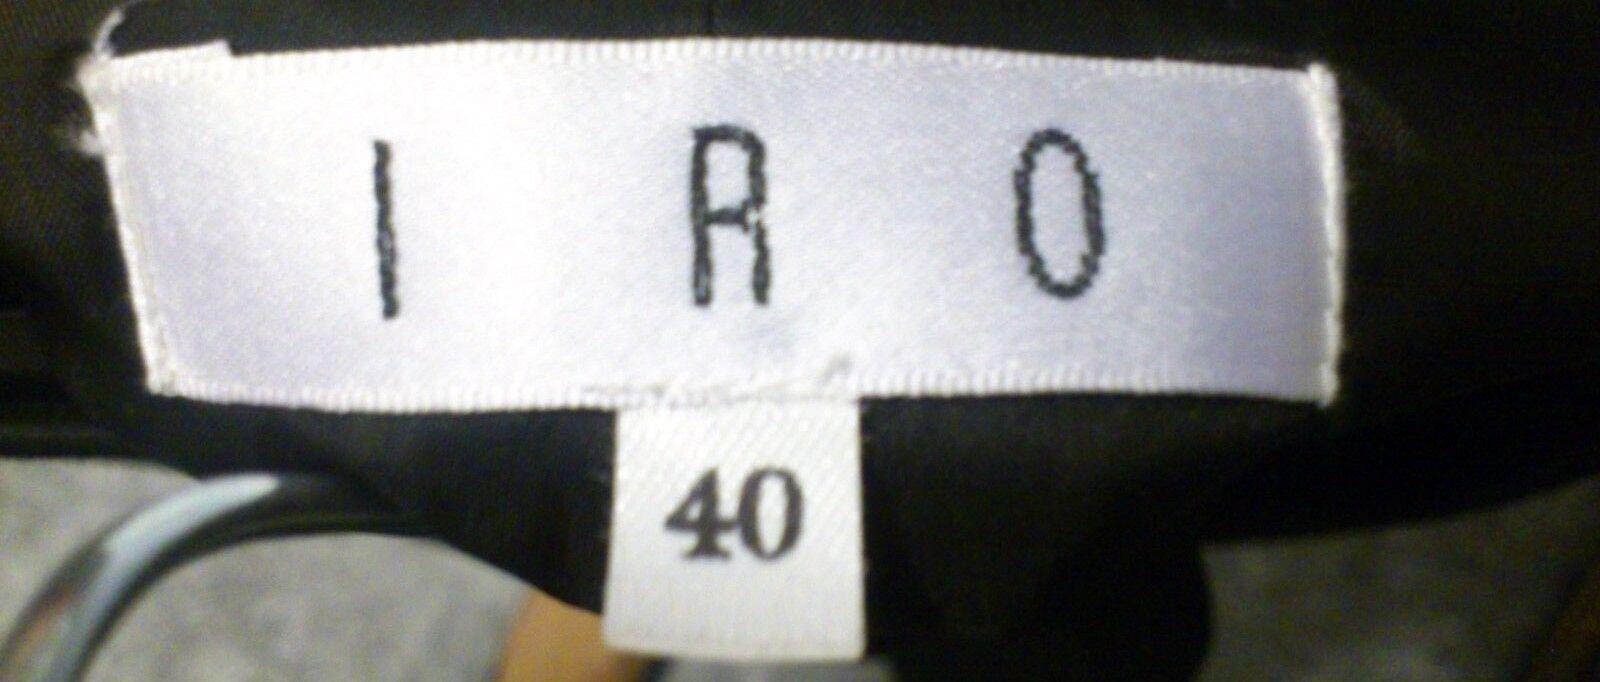 IRO Nero Lana & Cashmere drappeggiato gonna EUR 40 40 40 W30  in buonissima condizione 7d5191